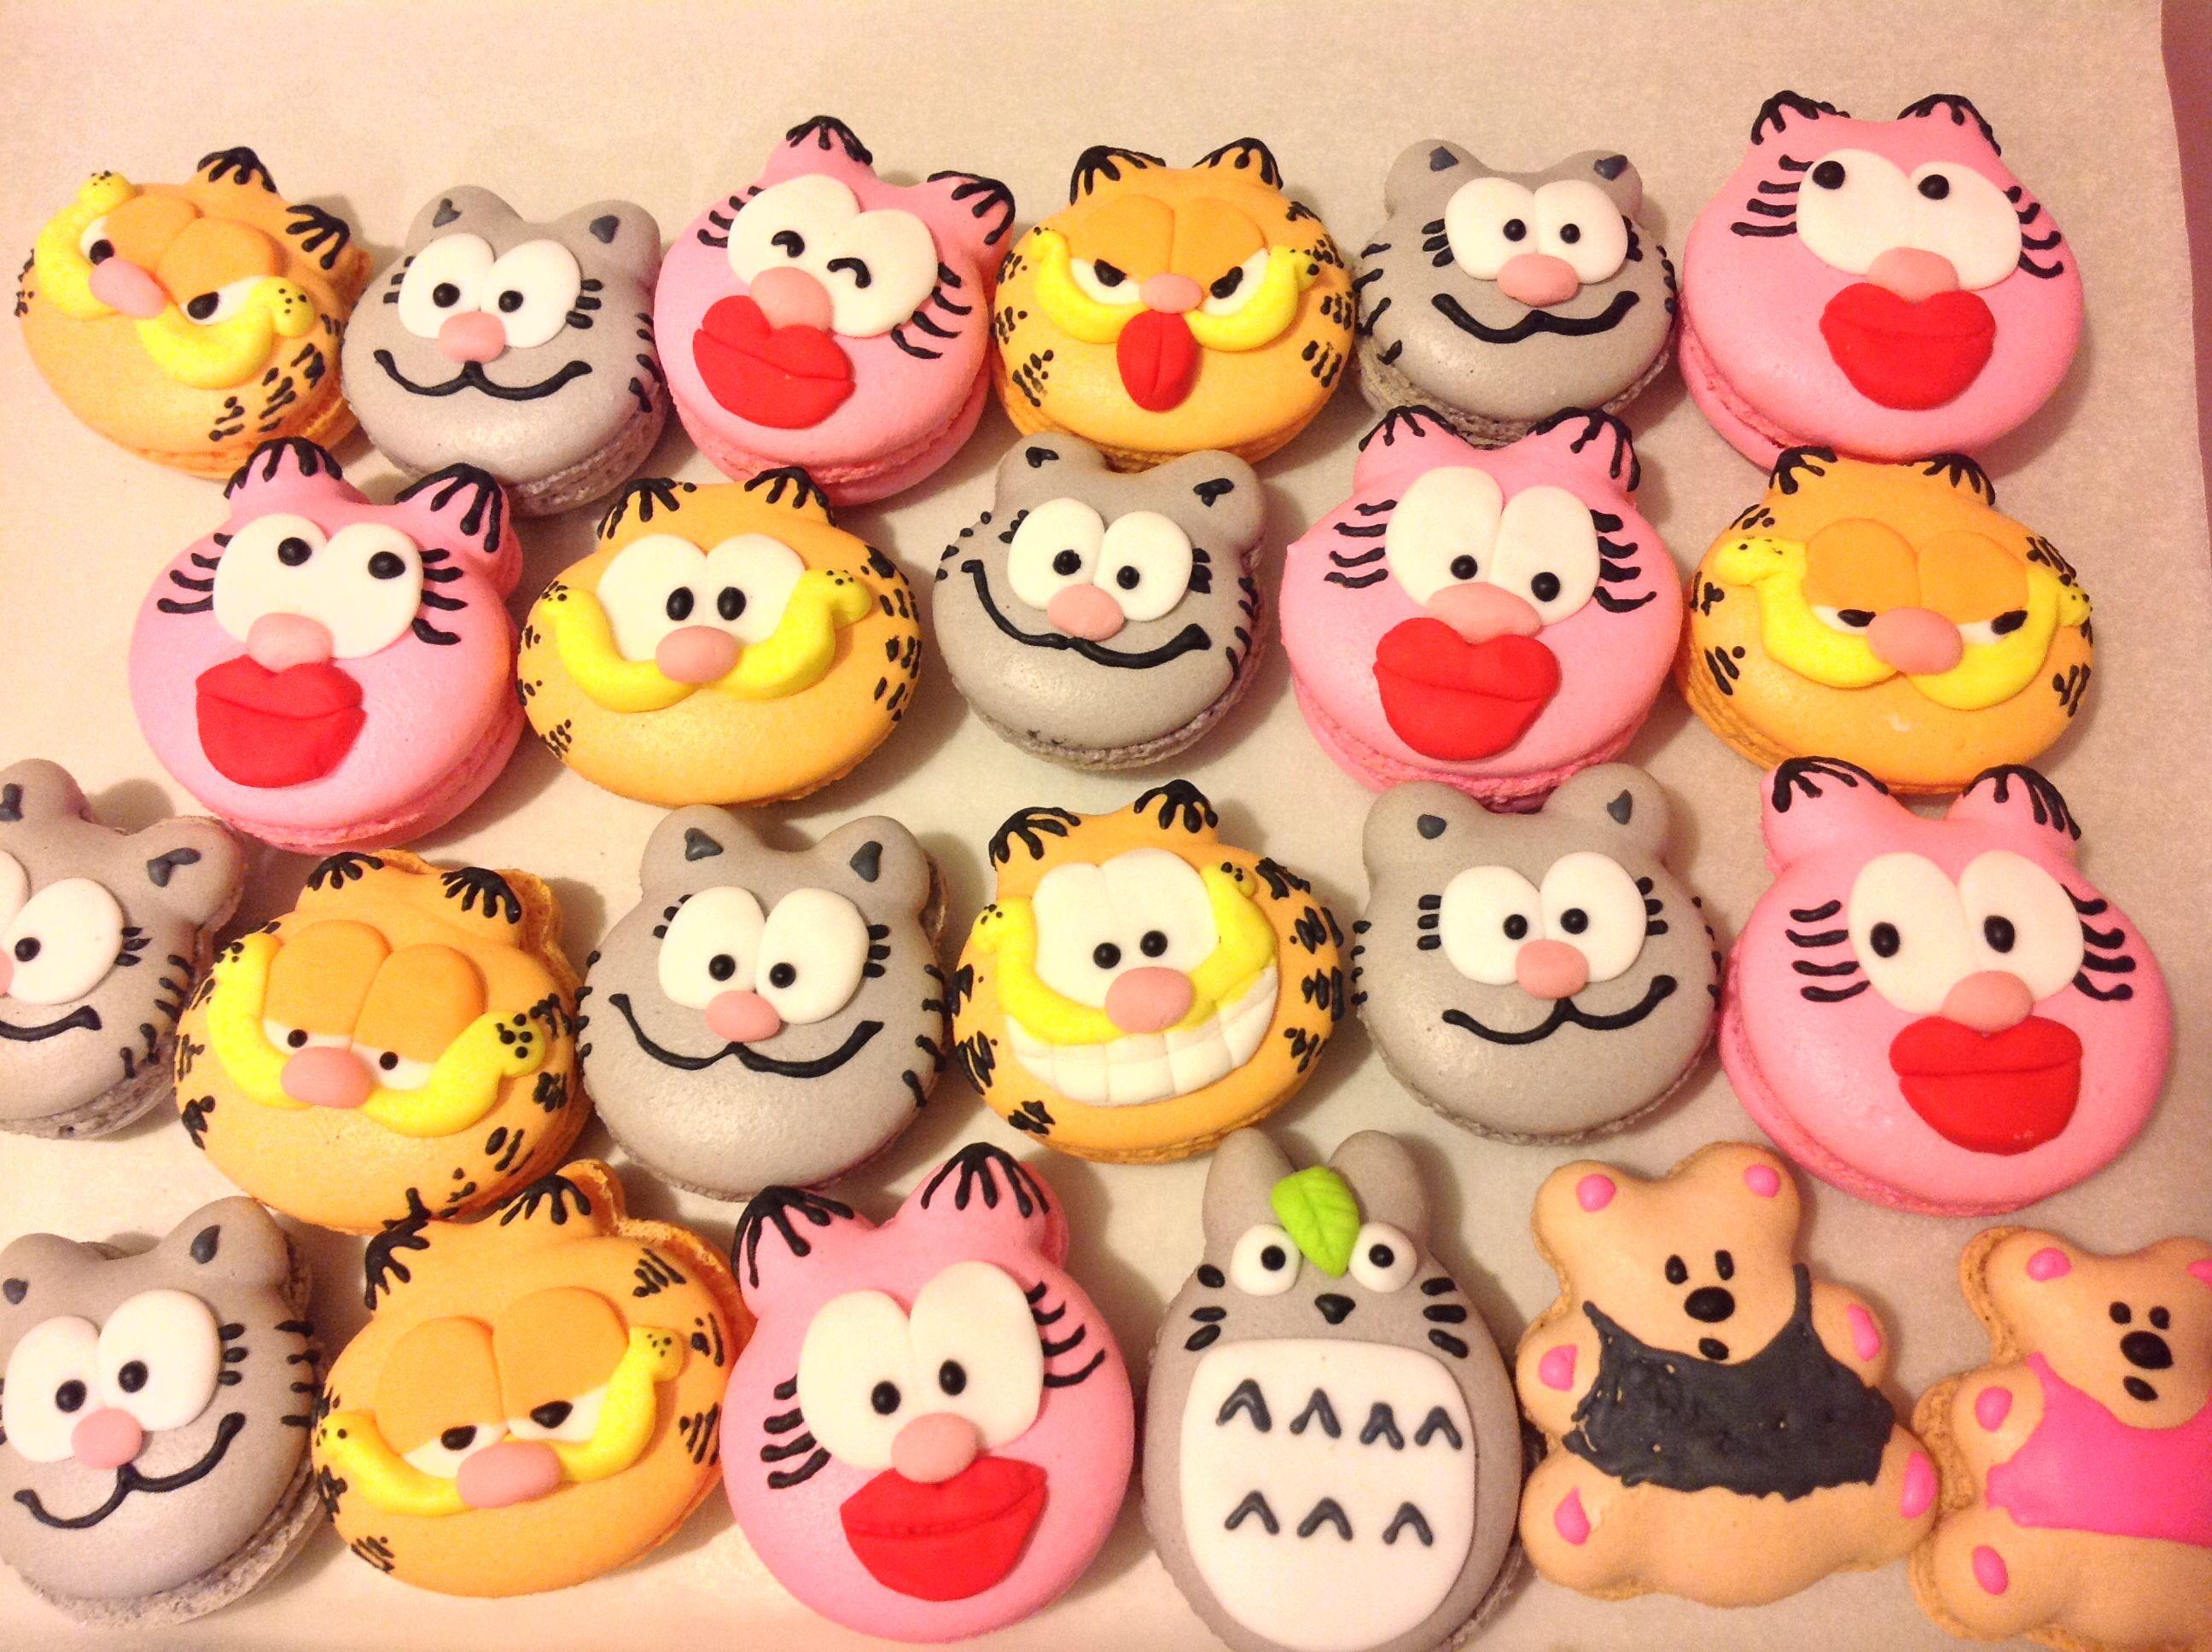 My Garfield Macarons Family